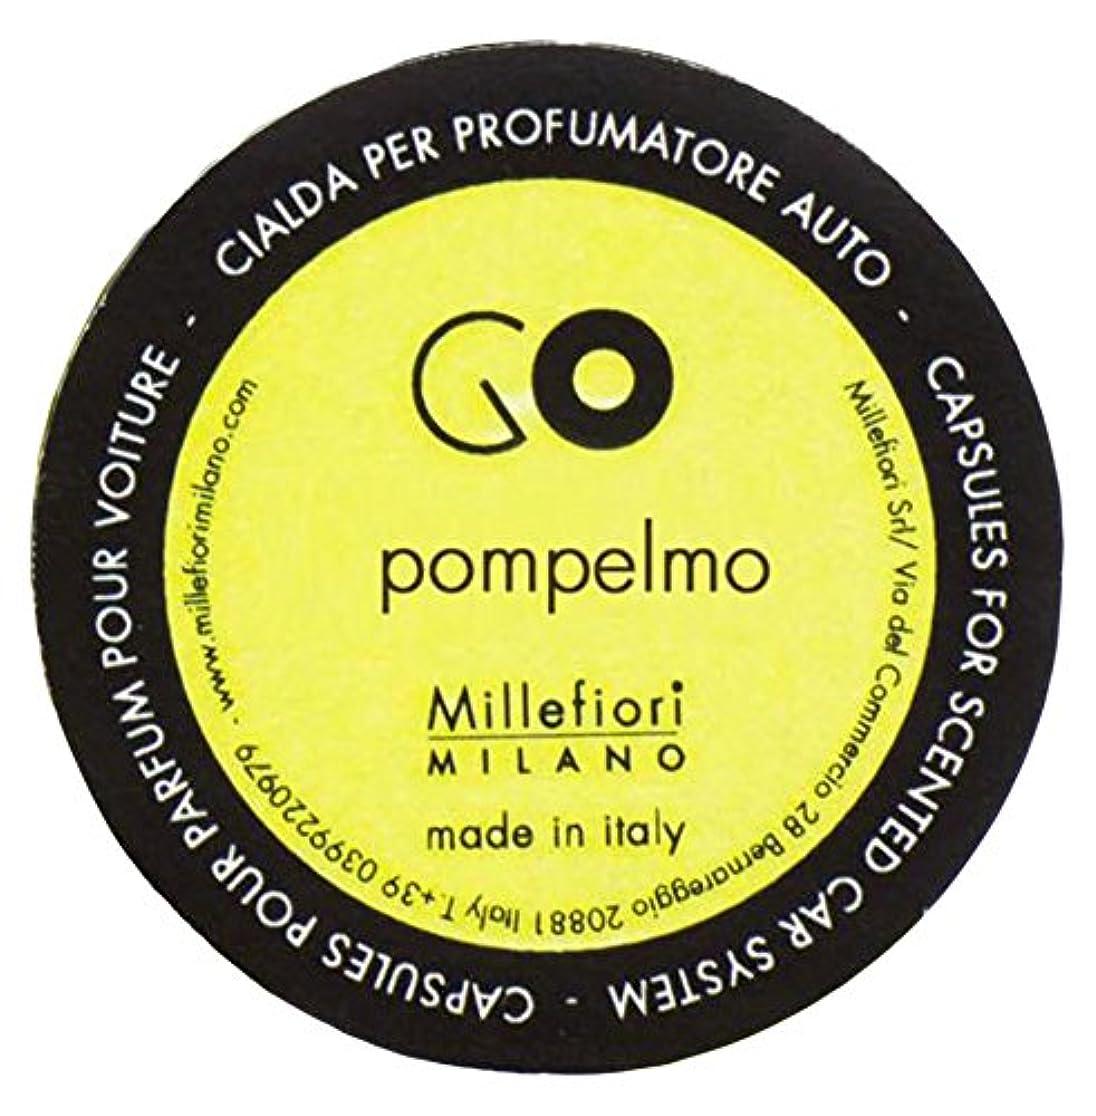 シエスタ海上差別するMillefiori カーエアフレッシュナー GO レフィル グレープフルーツ 1pcs RGPO